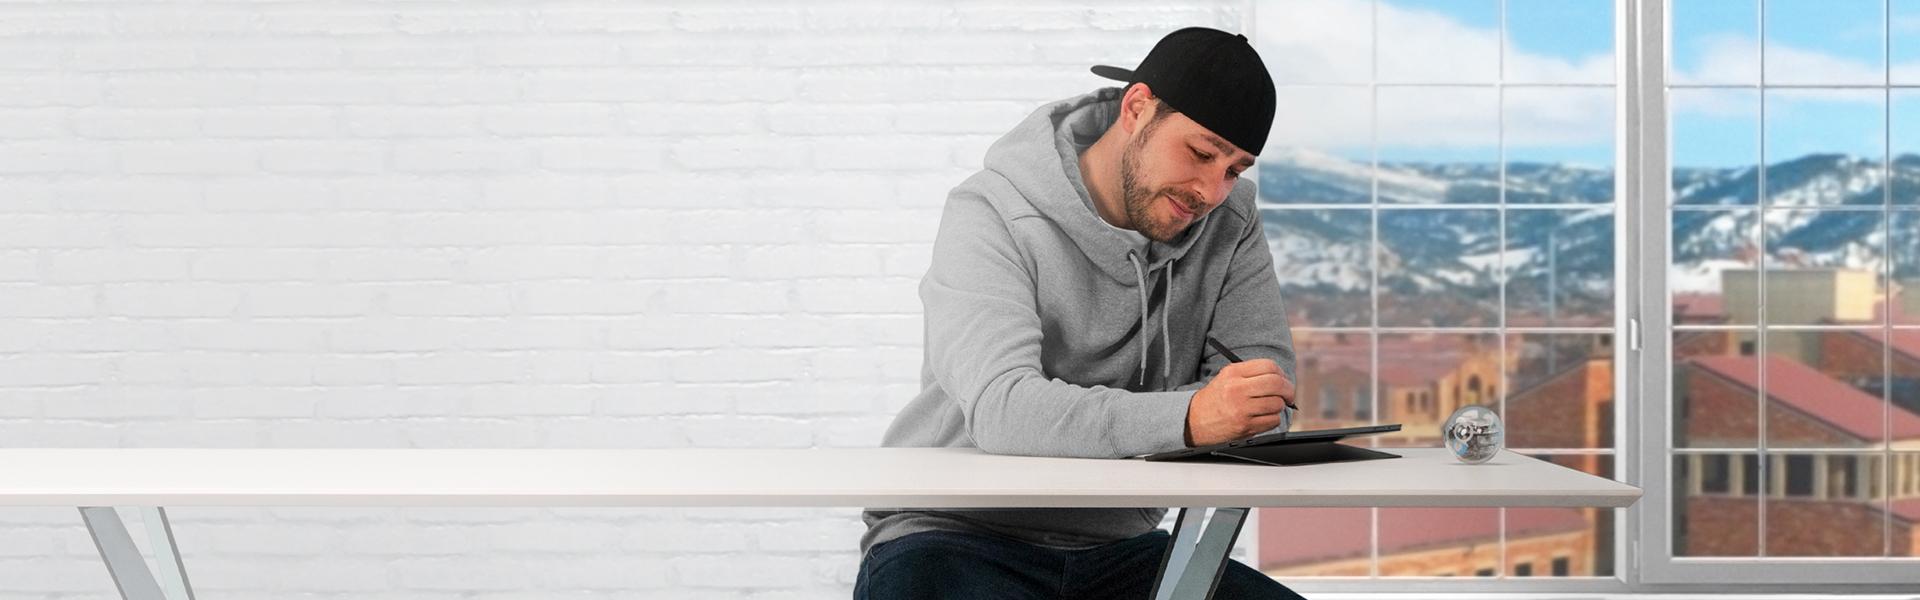 Un hombre sonriendo mientras trabaja con Surface en un escritorio.